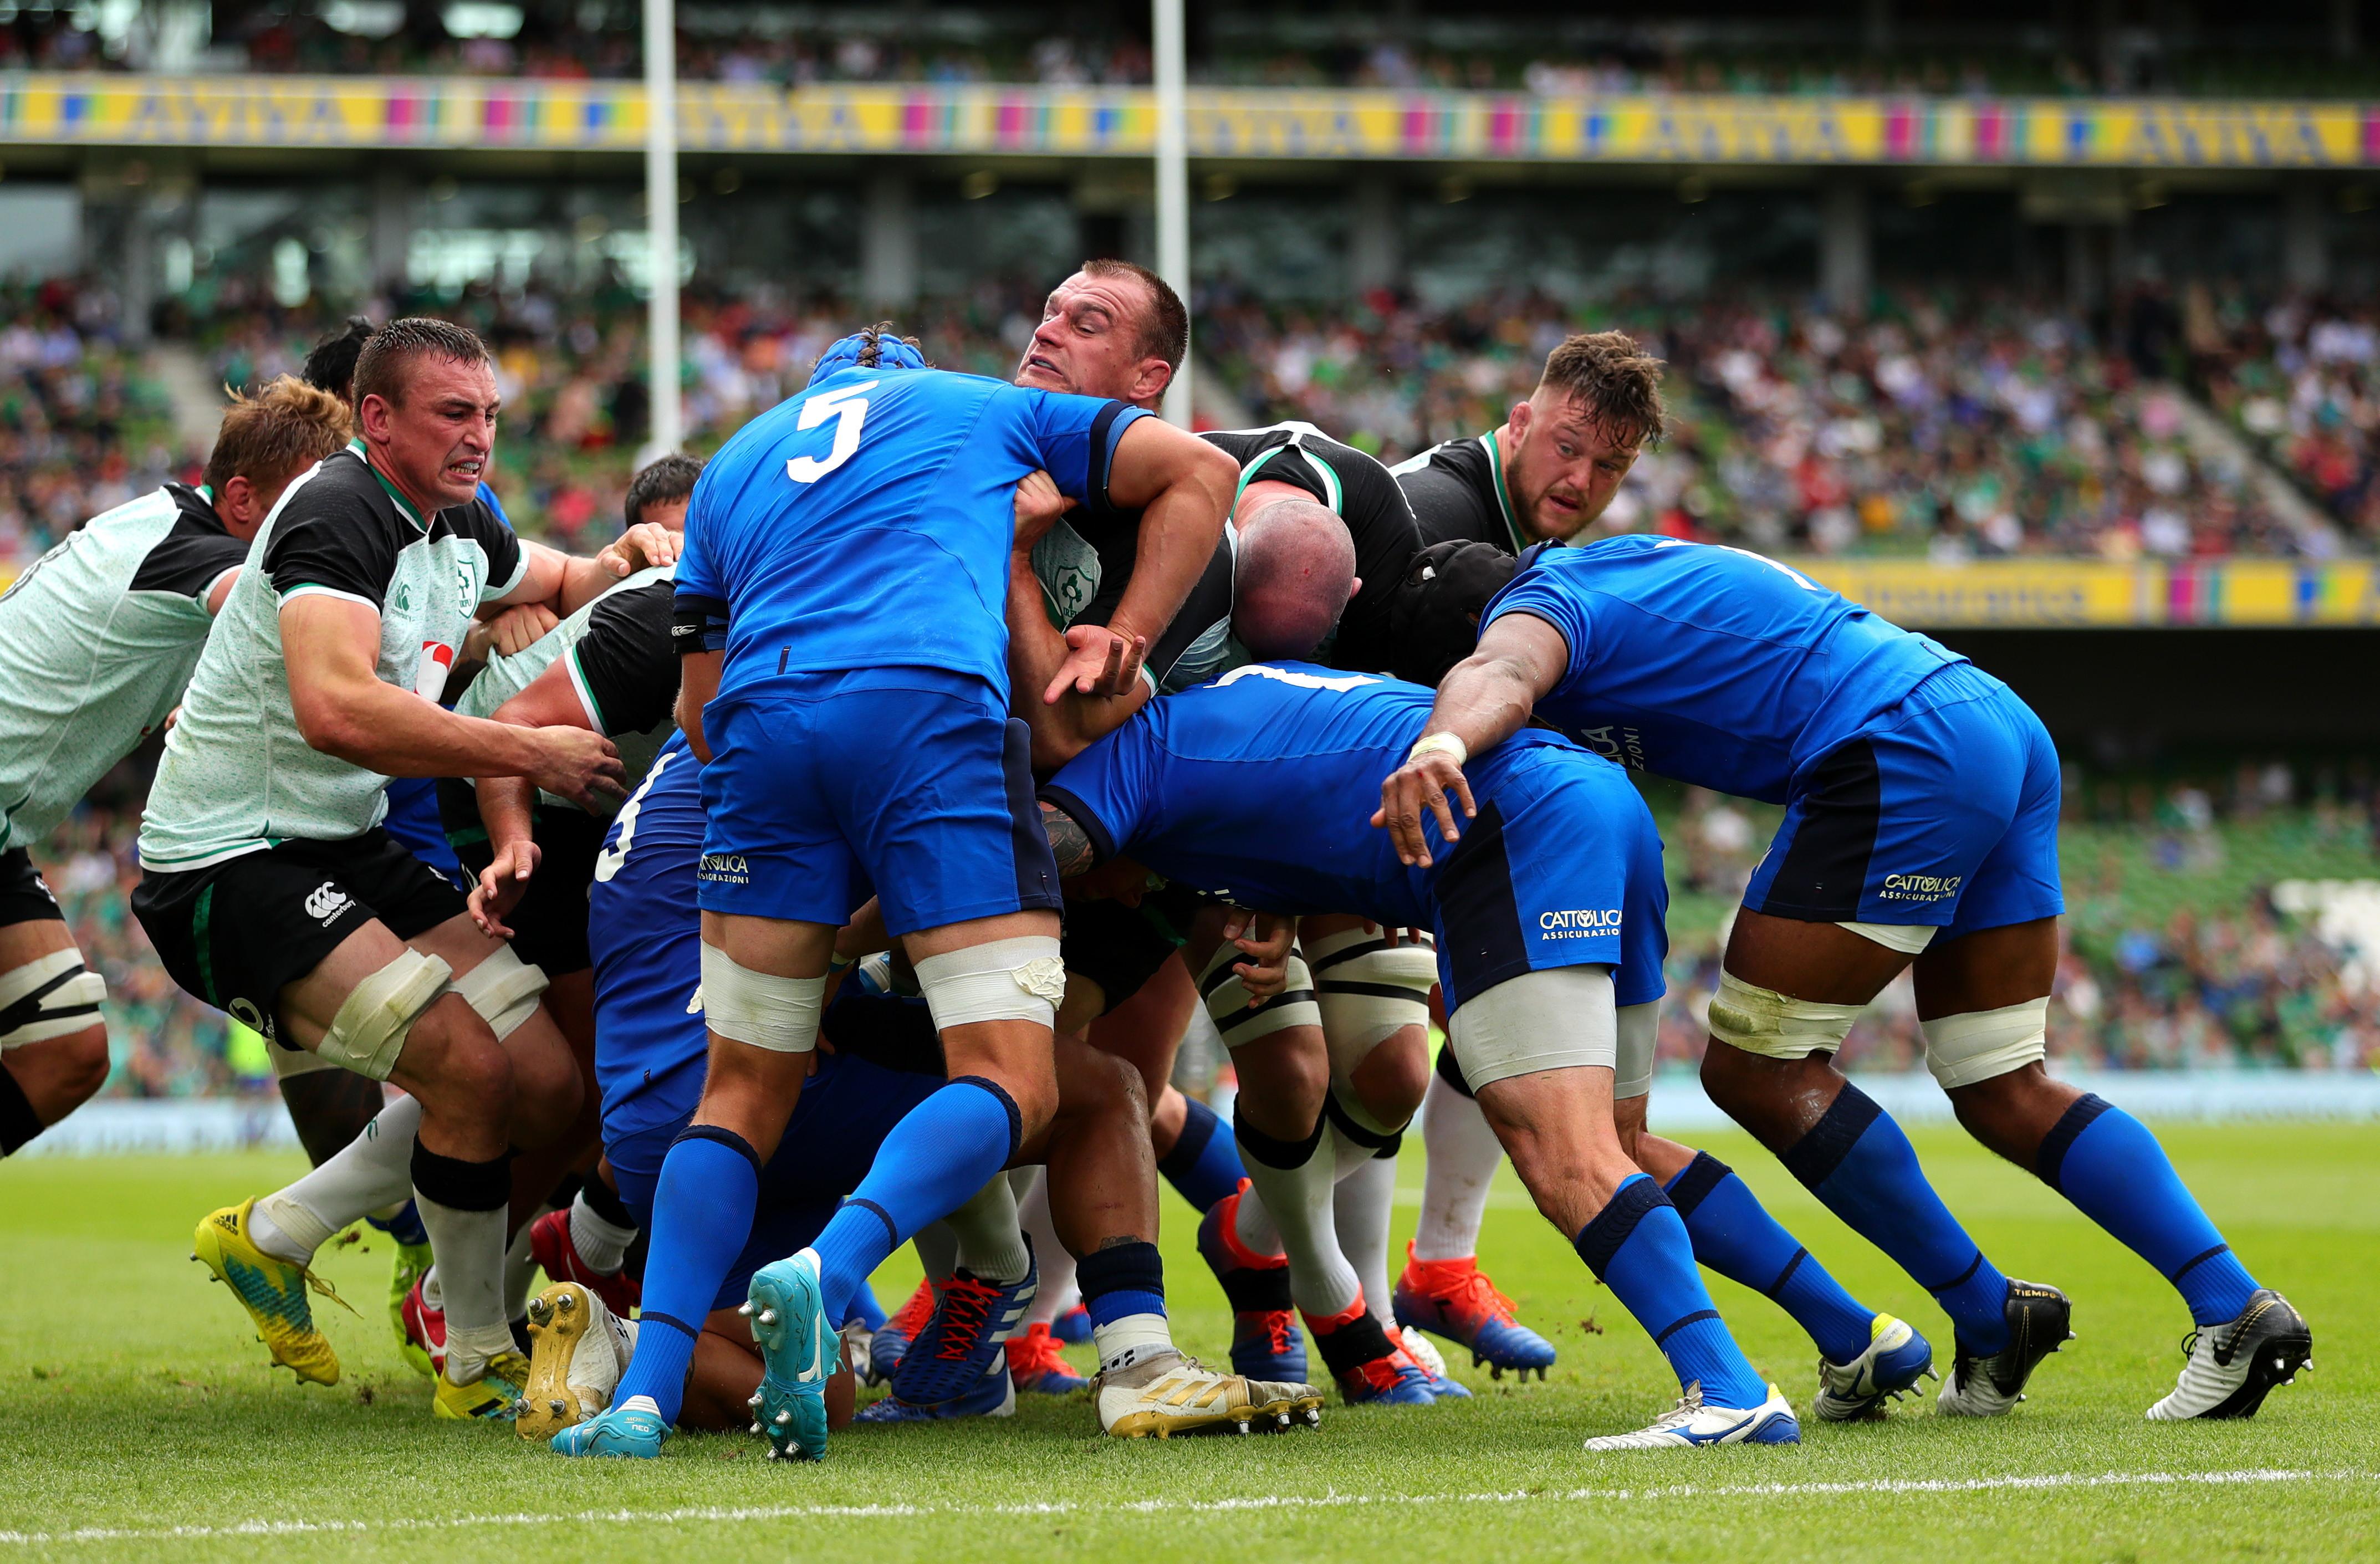 L&#39;Irlanda ha battuto l&#39;Italia per 29-10 (19-10) nel primo test di preparazione ai Mondiali di rugby che si svolgeranno in Giappone dal 20 settembre al 2 novembre. I punti degli azzurri sono stati realizzati da Mbanda e Canna, con una meta a testa, cinque invece quelle realizzate dagli irlandesi, con Carbery (per lui anche due trasformazioni), Kearney, Conway, Murphy e Marmion.<br /><br />